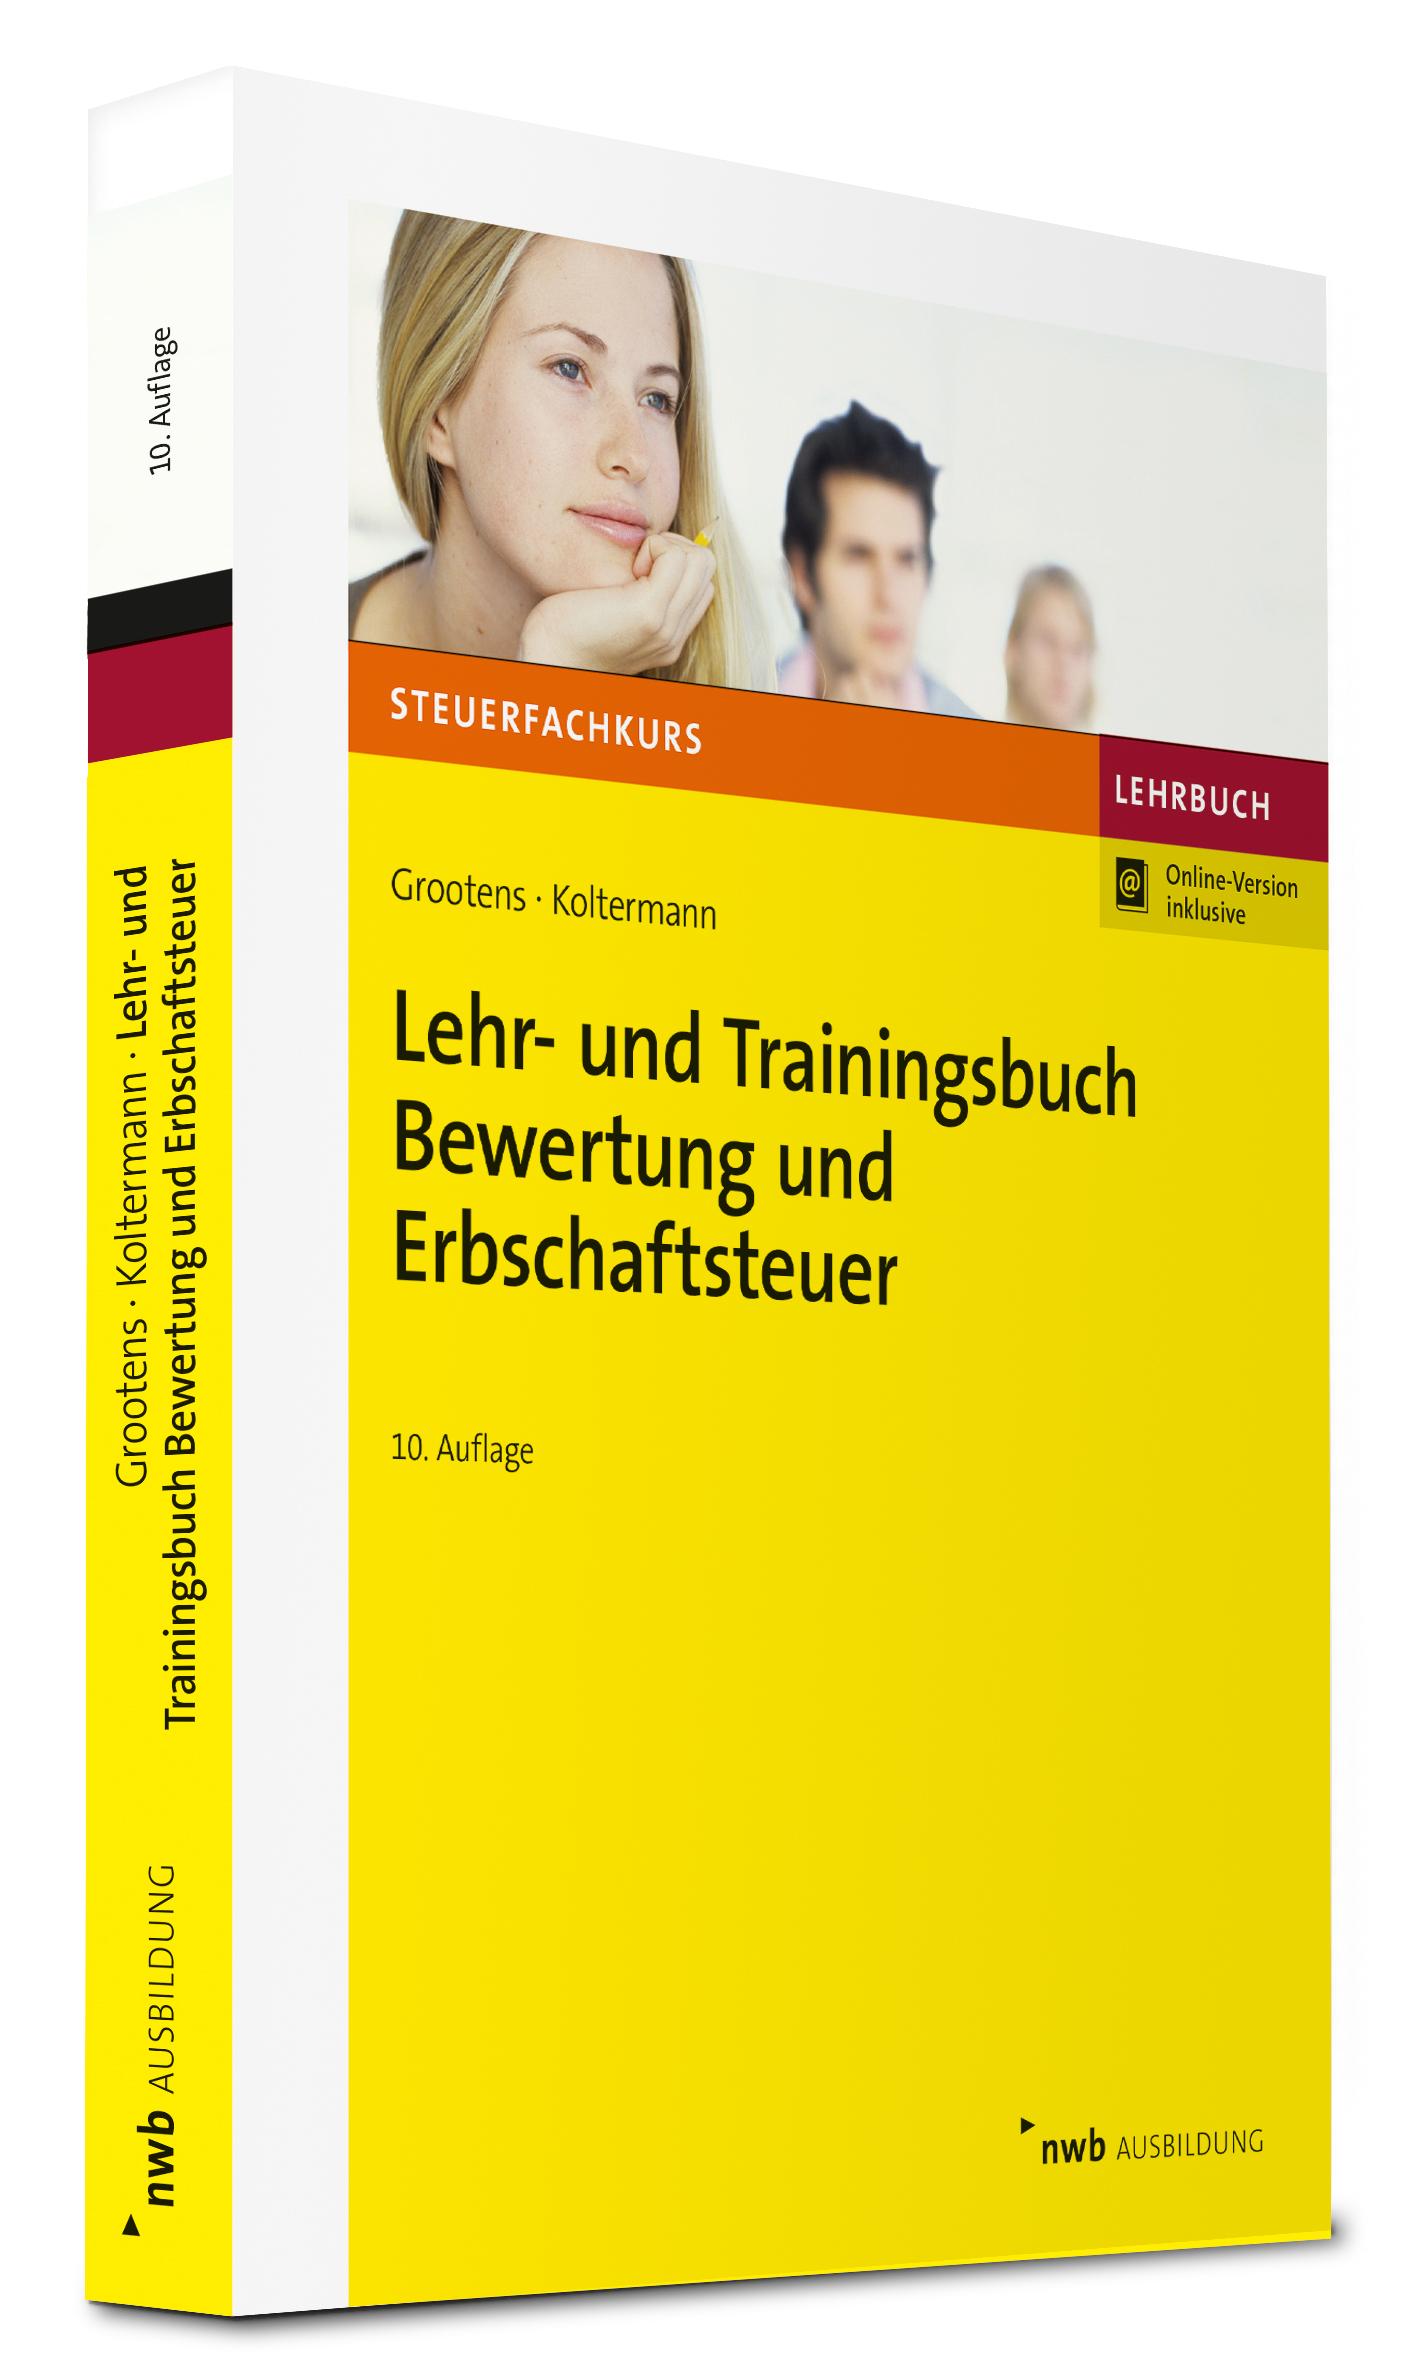 Lehr- und Trainingsbuch Bewertung und Erbschaftsteuer